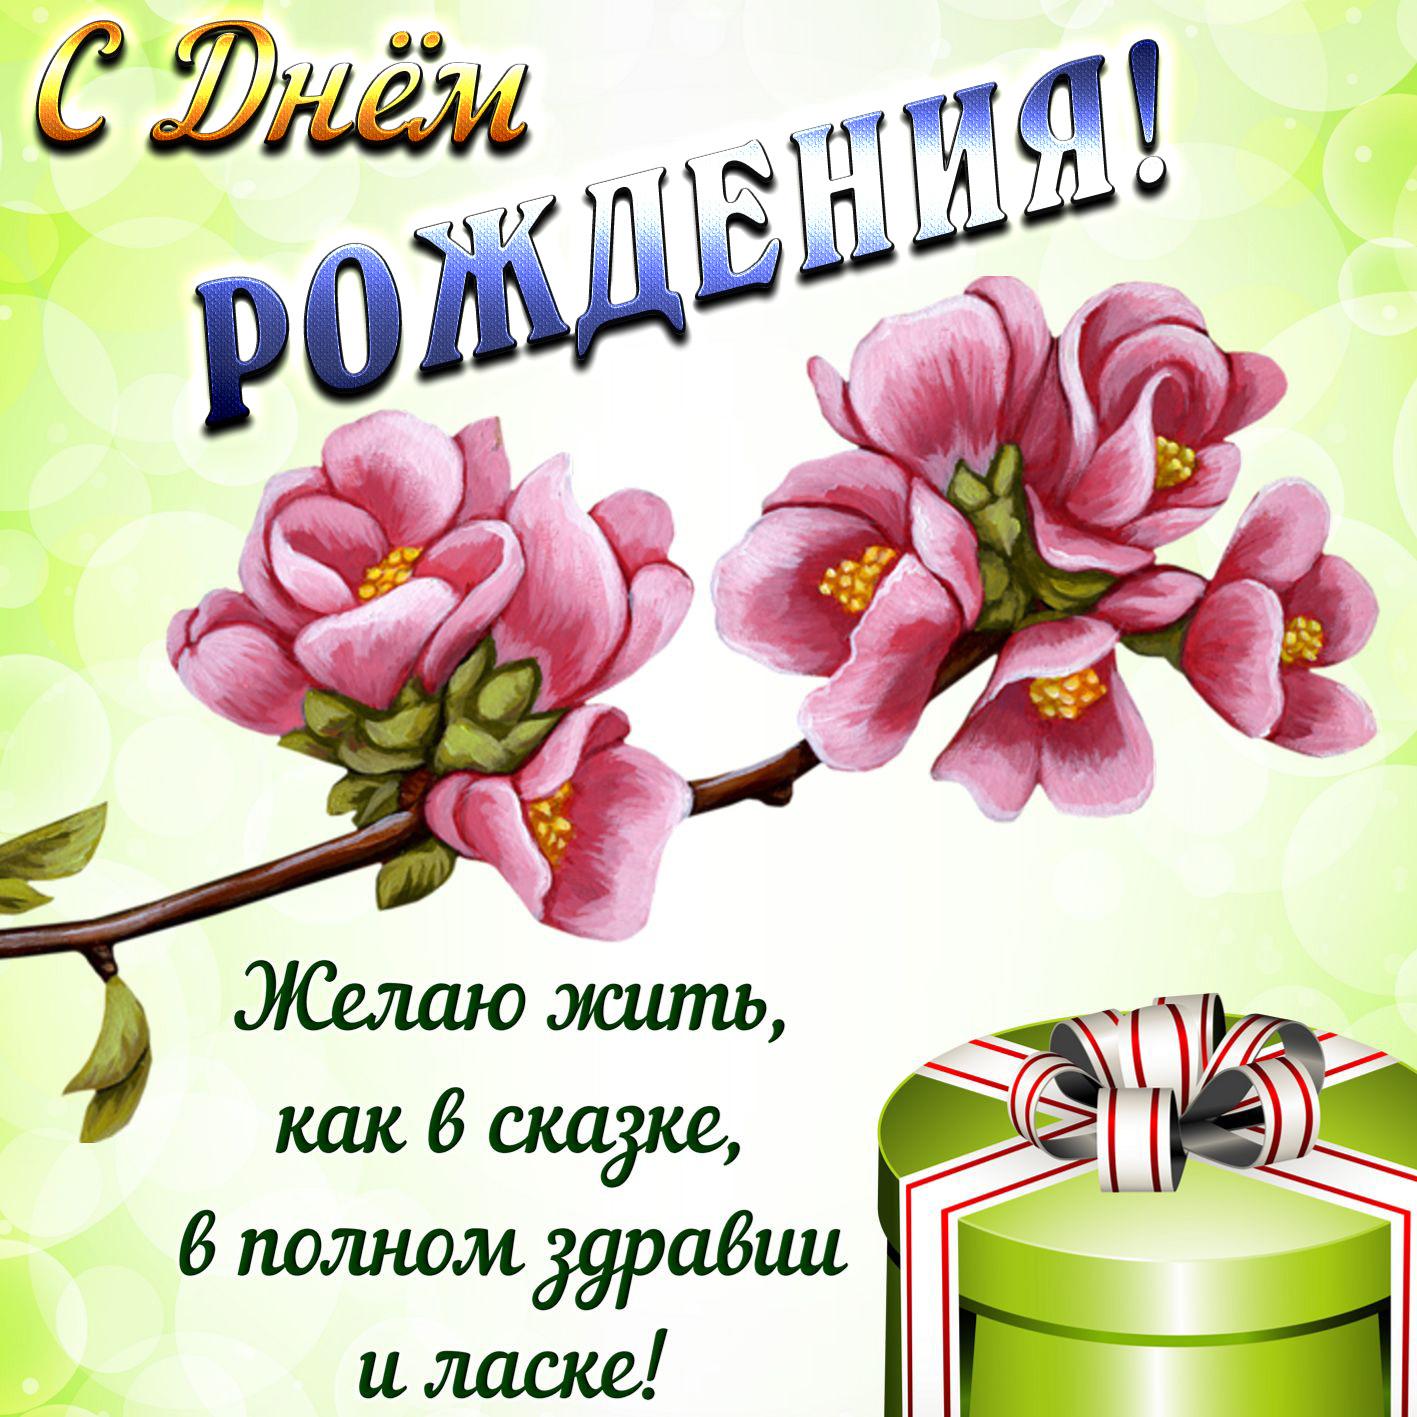 Поздравление с днем рождения женщине в сказке